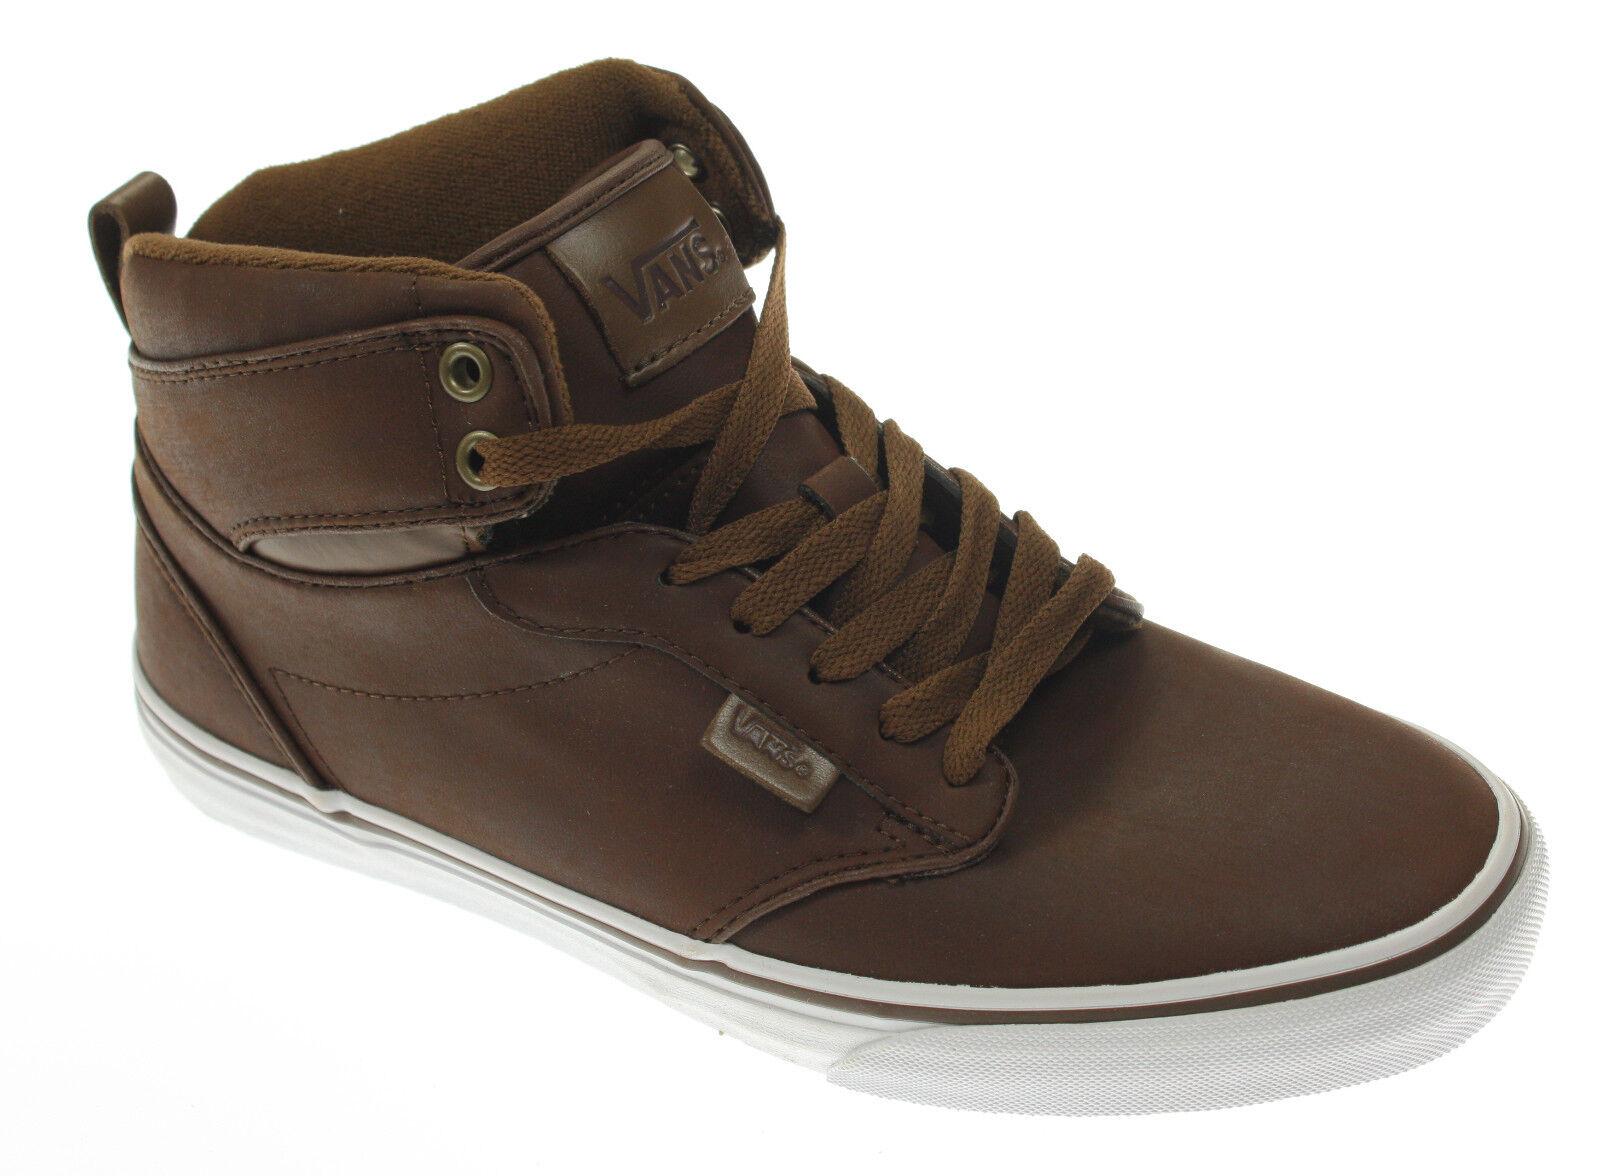 Vans Atwood Hi Sneakers, Freizeitschuhe, Größe 40, braun, Unisex, UVP  74,95